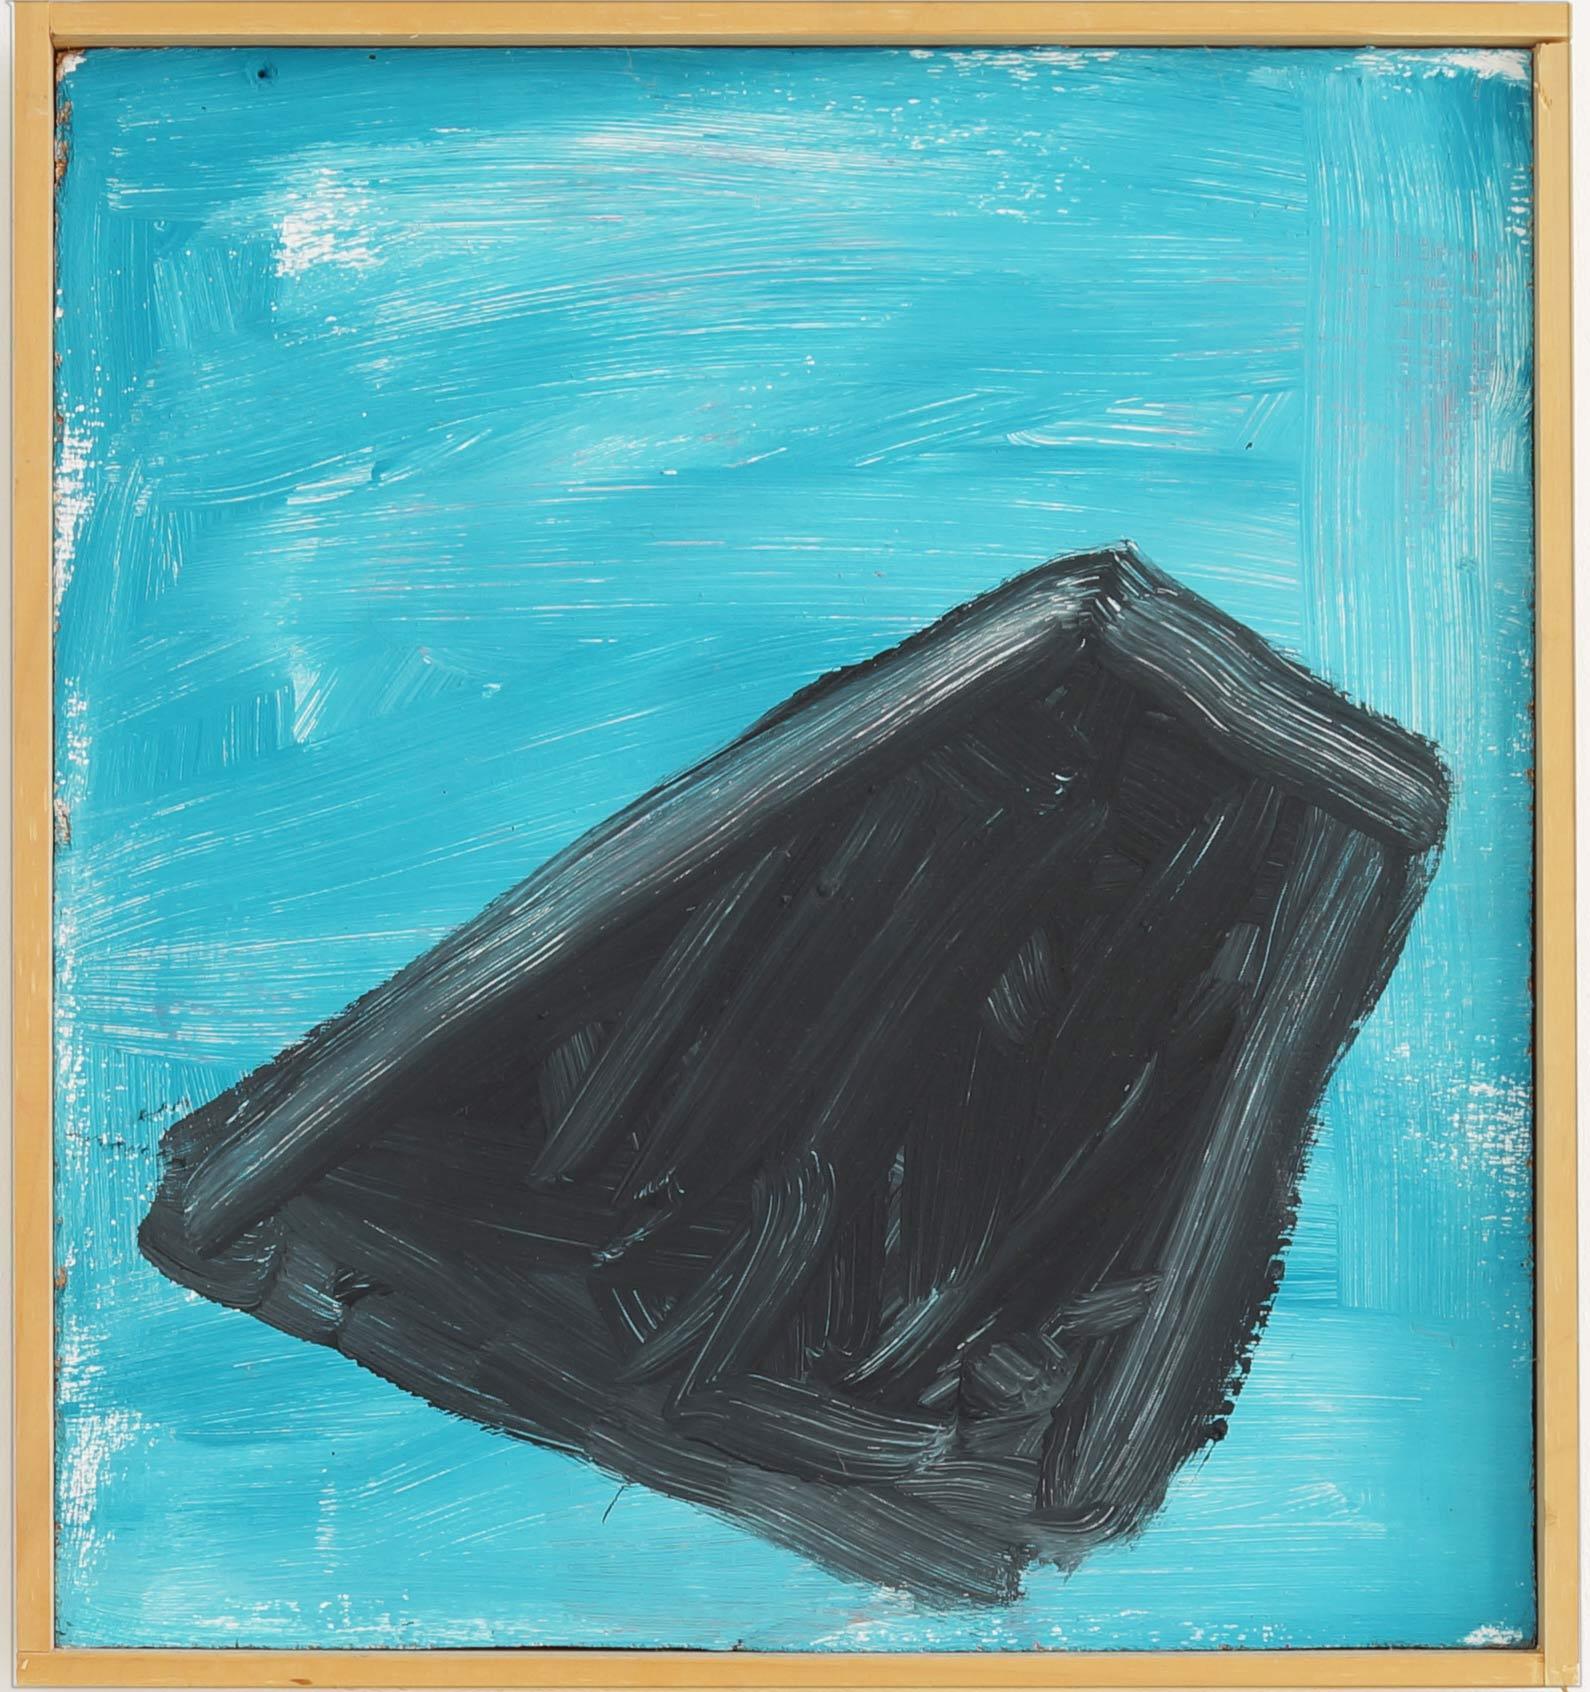 belgium ufo wafe, painting, ernst koslitsch, constructing mythology